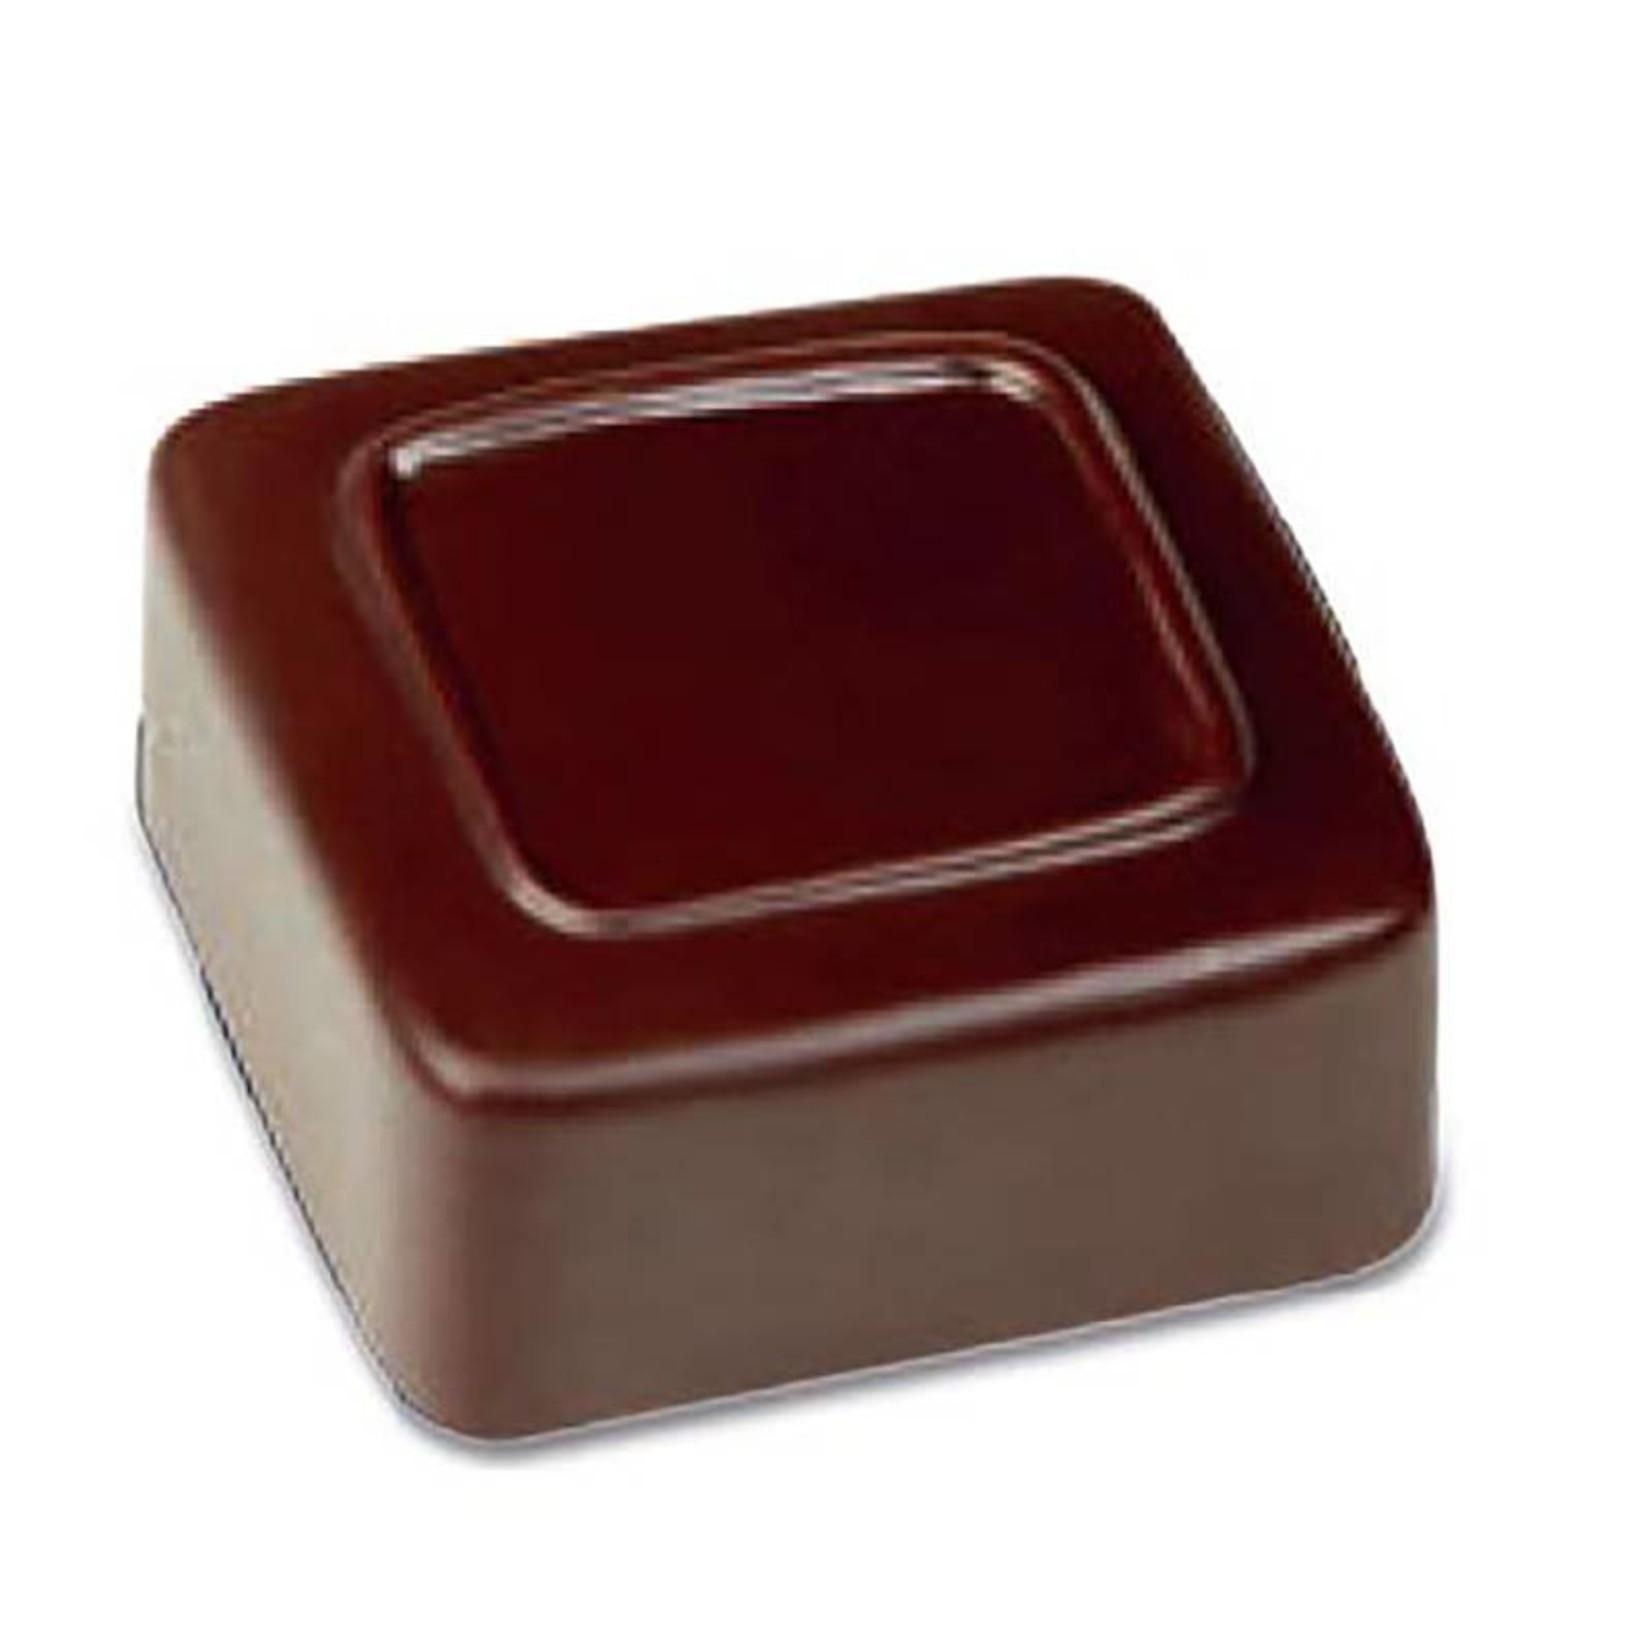 Pavoni Pavoni - Artisanal Polycarbonate Chocolate Mold, Square - Line, PC105